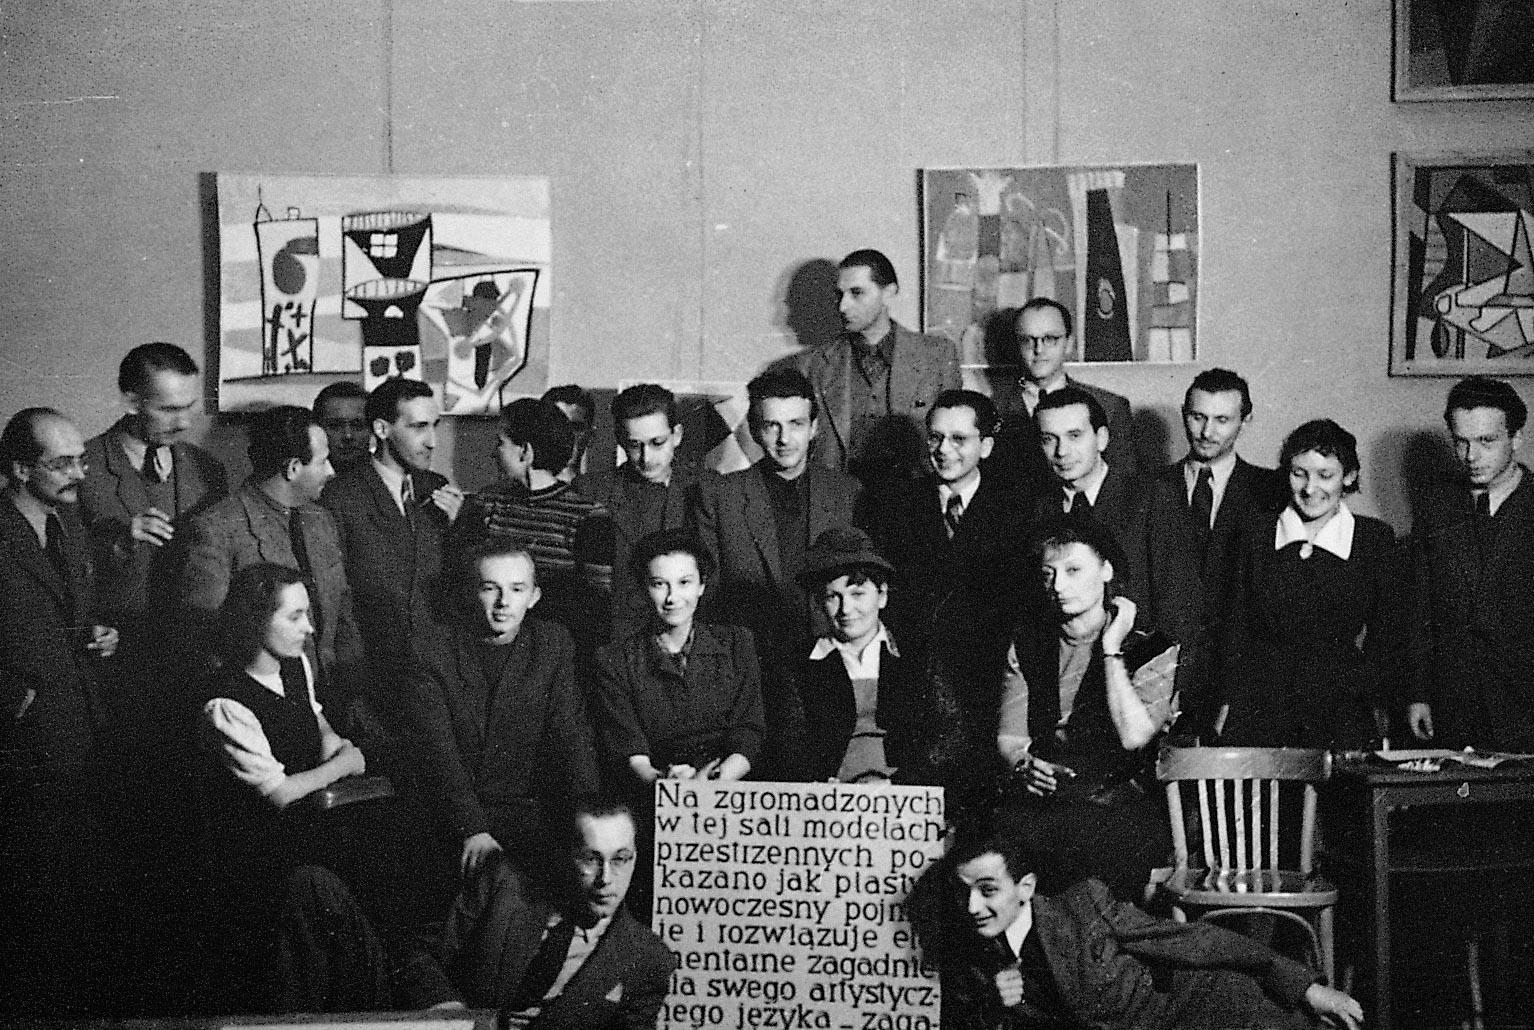 Wystawa Sztuki Nowoczesnej, 1948/1949